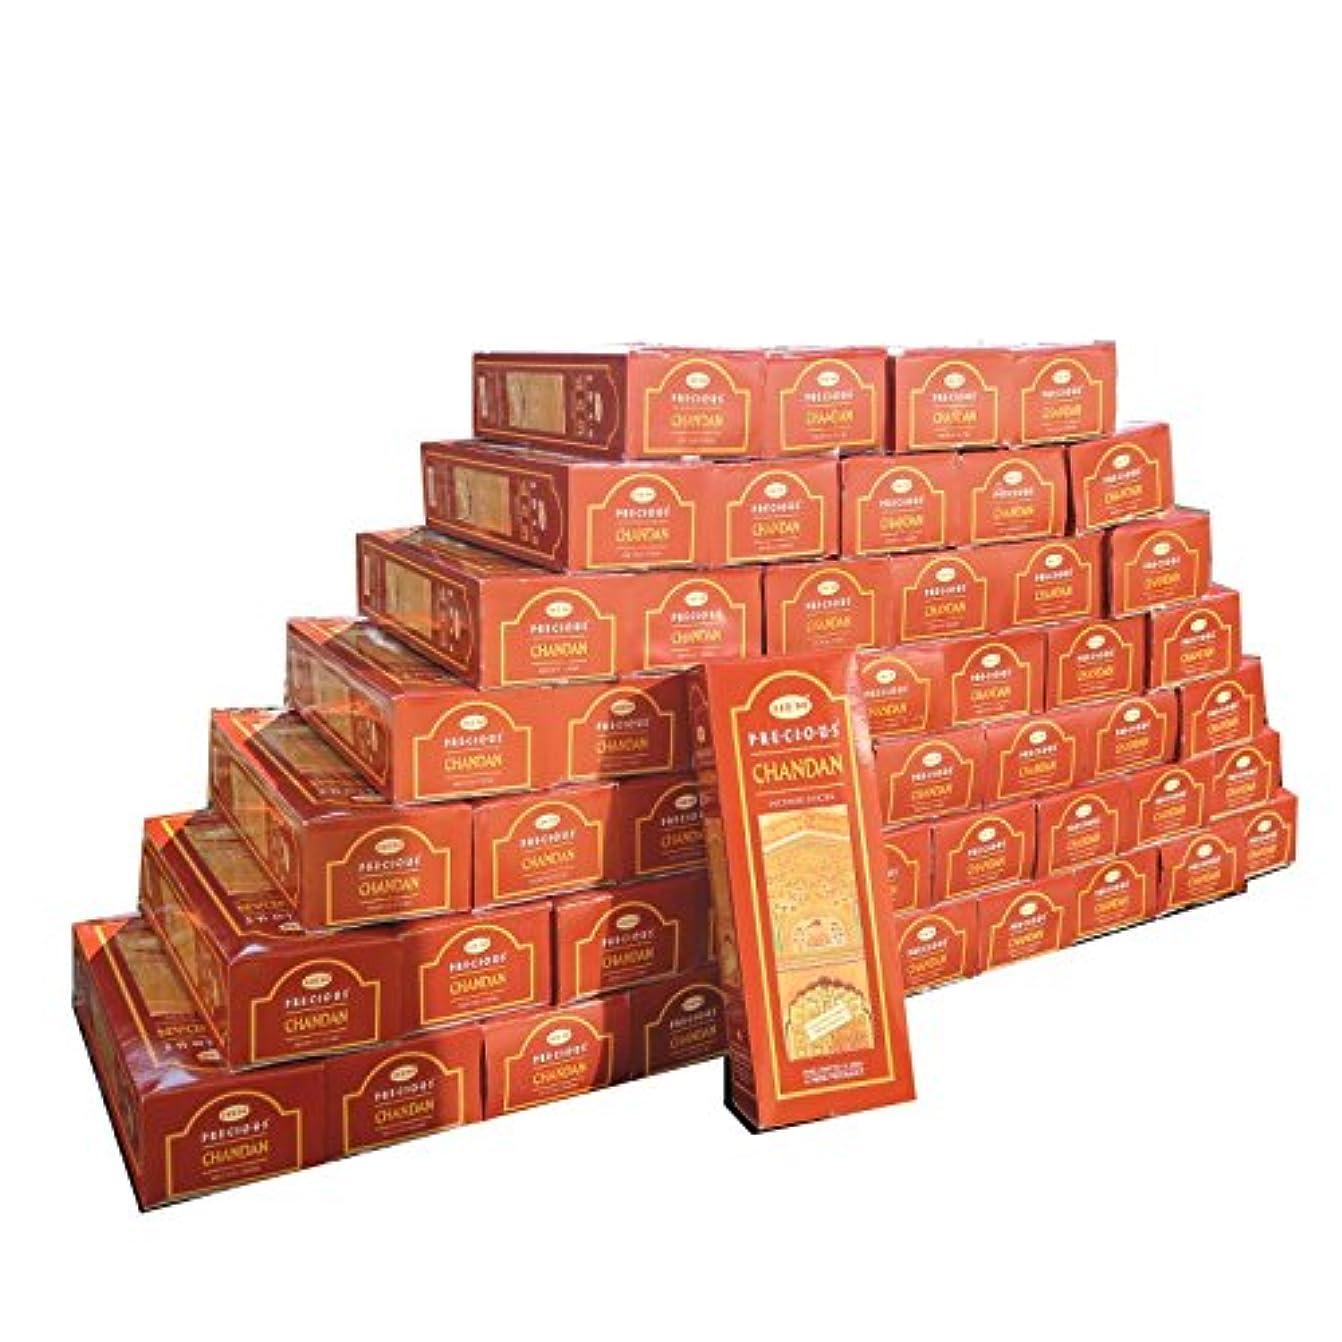 調和締める持っている業務用 インドスティック形お香 プレシャスチャンダン 300箱入り